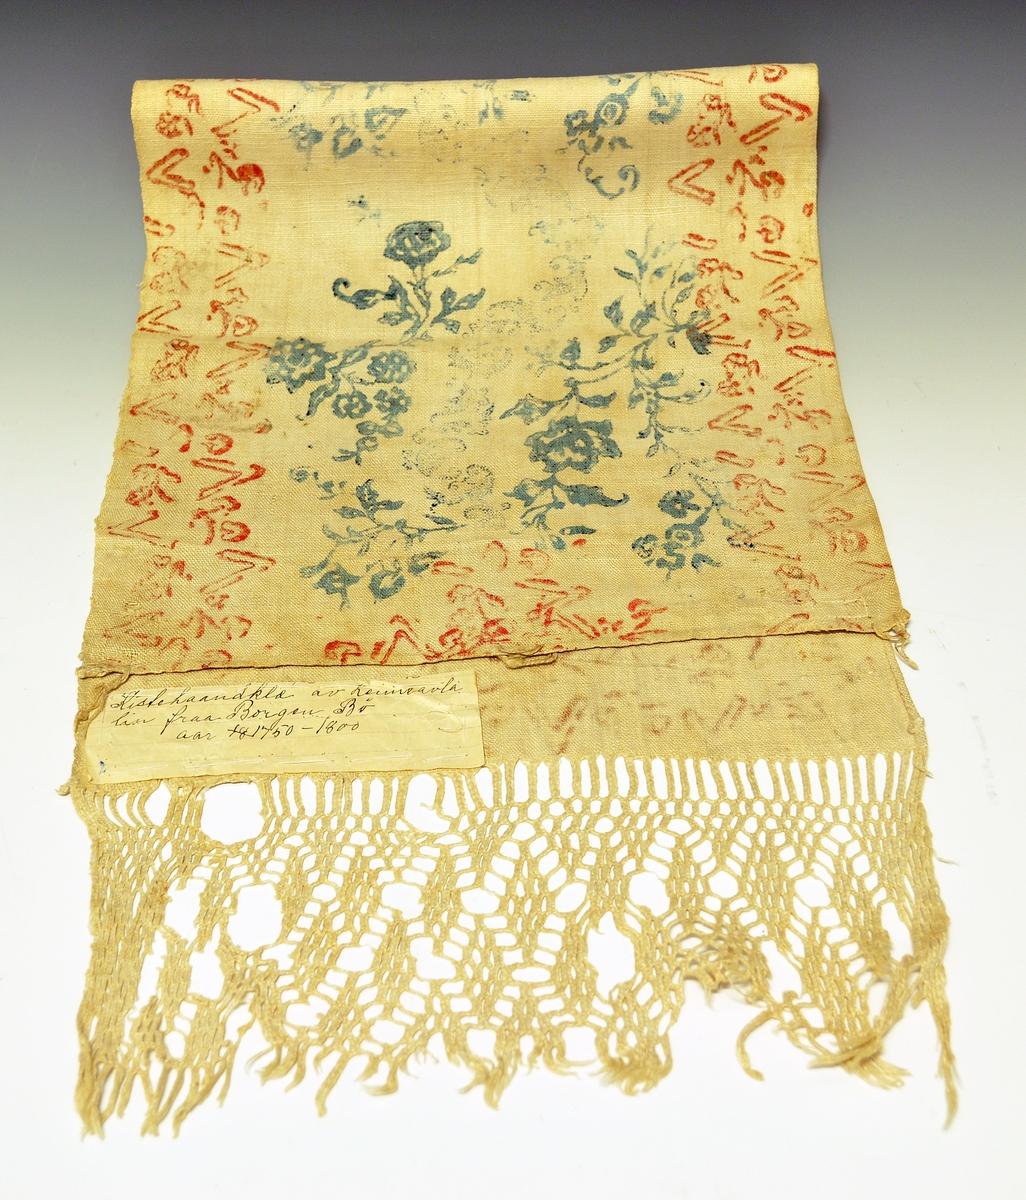 """Rektangulær tekstil med firefletting i den ene enden, samt mønstertrykk i blått og rødt over hele flaten. Tekstilen har jarekant langs den ene langsiden, og en smal innsydd kant på den andre. Øverst opp er det også en smal kant og tre påsydde hemper. Tekstilen avsluttes med at renningen er fireflettet. Tøyet er av lin og er antakeligvis """"heimelin""""."""